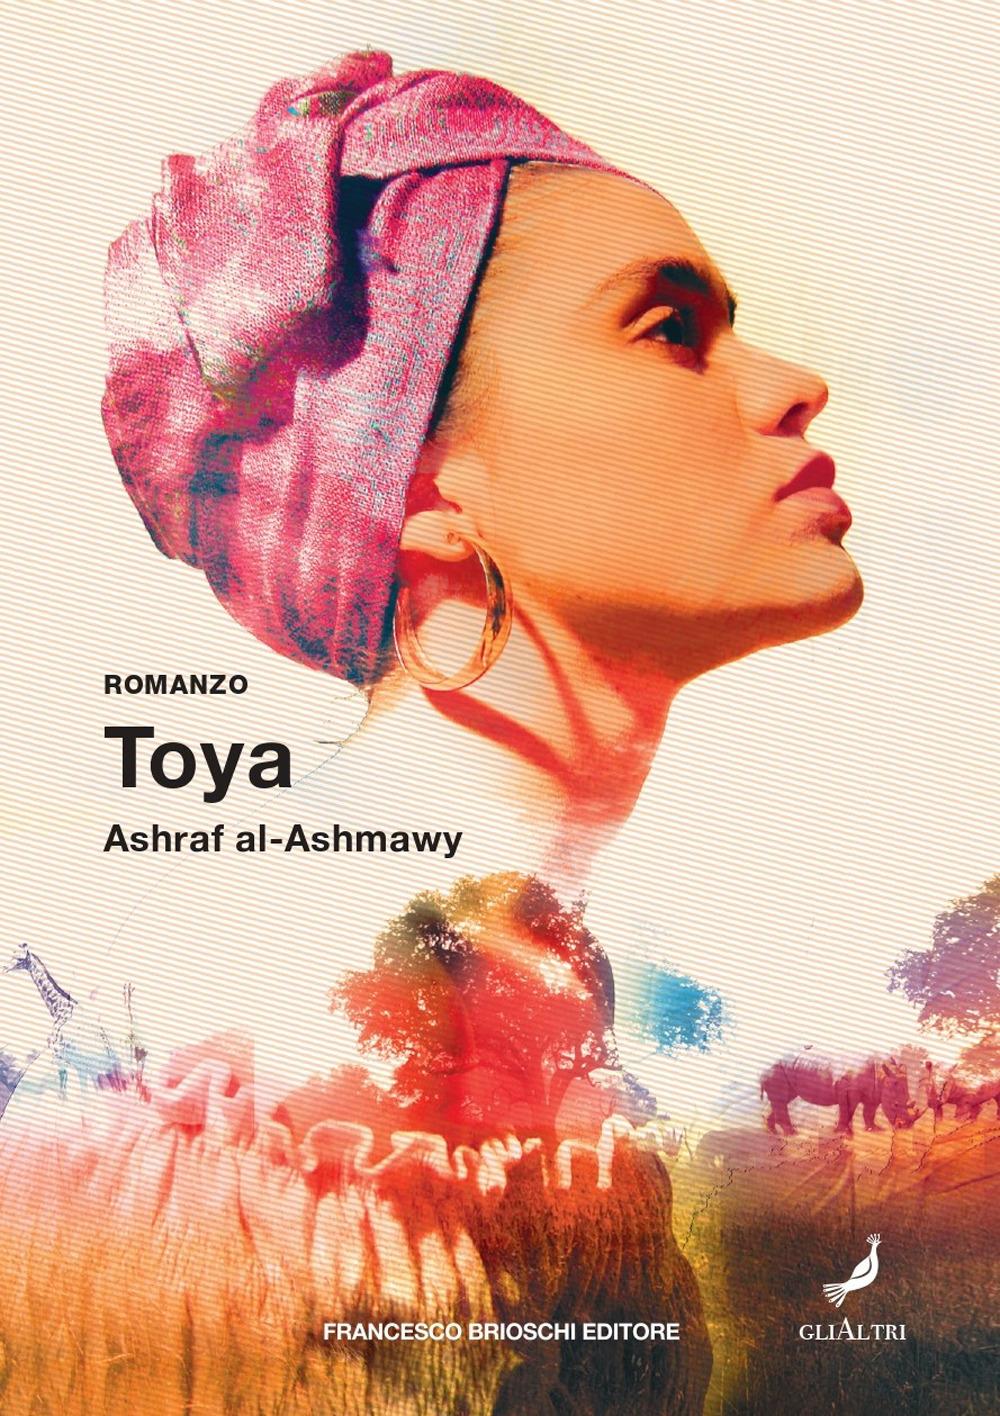 Libri Al-Ashmawy Ashraf - Toya NUOVO SIGILLATO, EDIZIONE DEL 04/02/2021 SUBITO DISPONIBILE